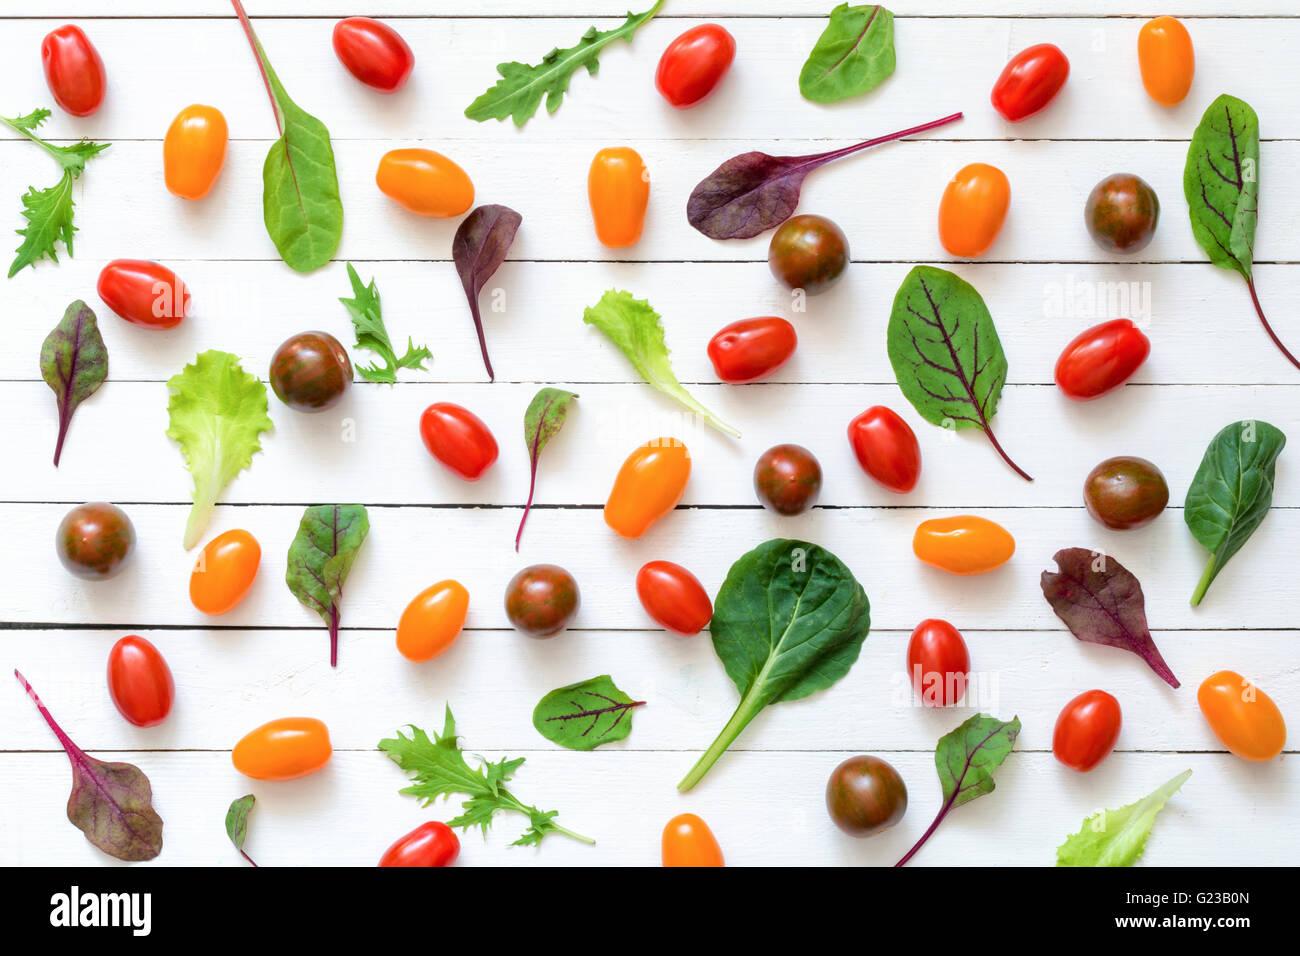 Télévision couleur jeter d'ingrédients alimentaires. Fond d'aliments sains Banque D'Images